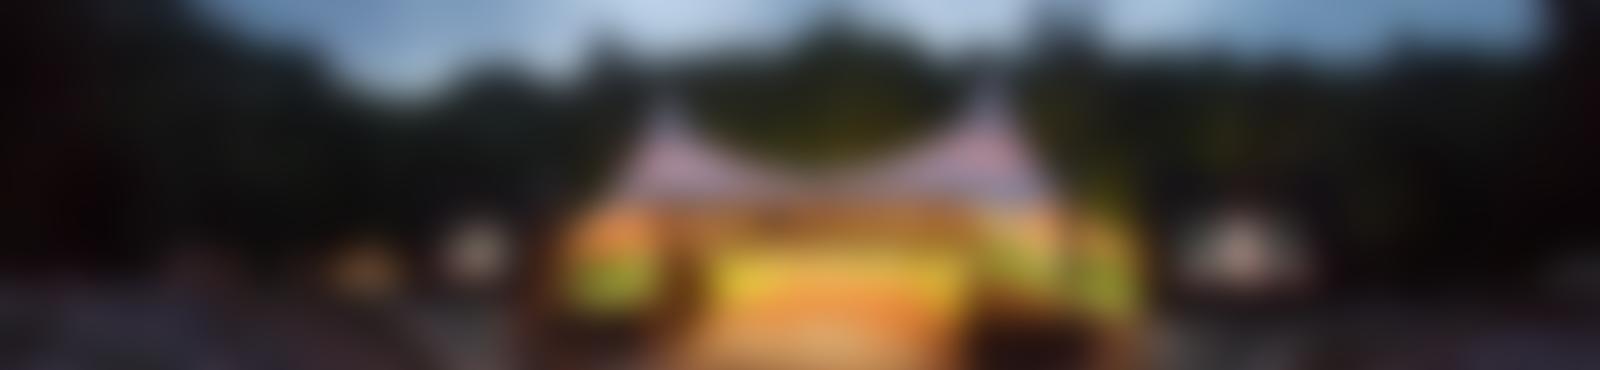 Blurred 92f0afb9 7c1a 442e 809f d701667dfbaf